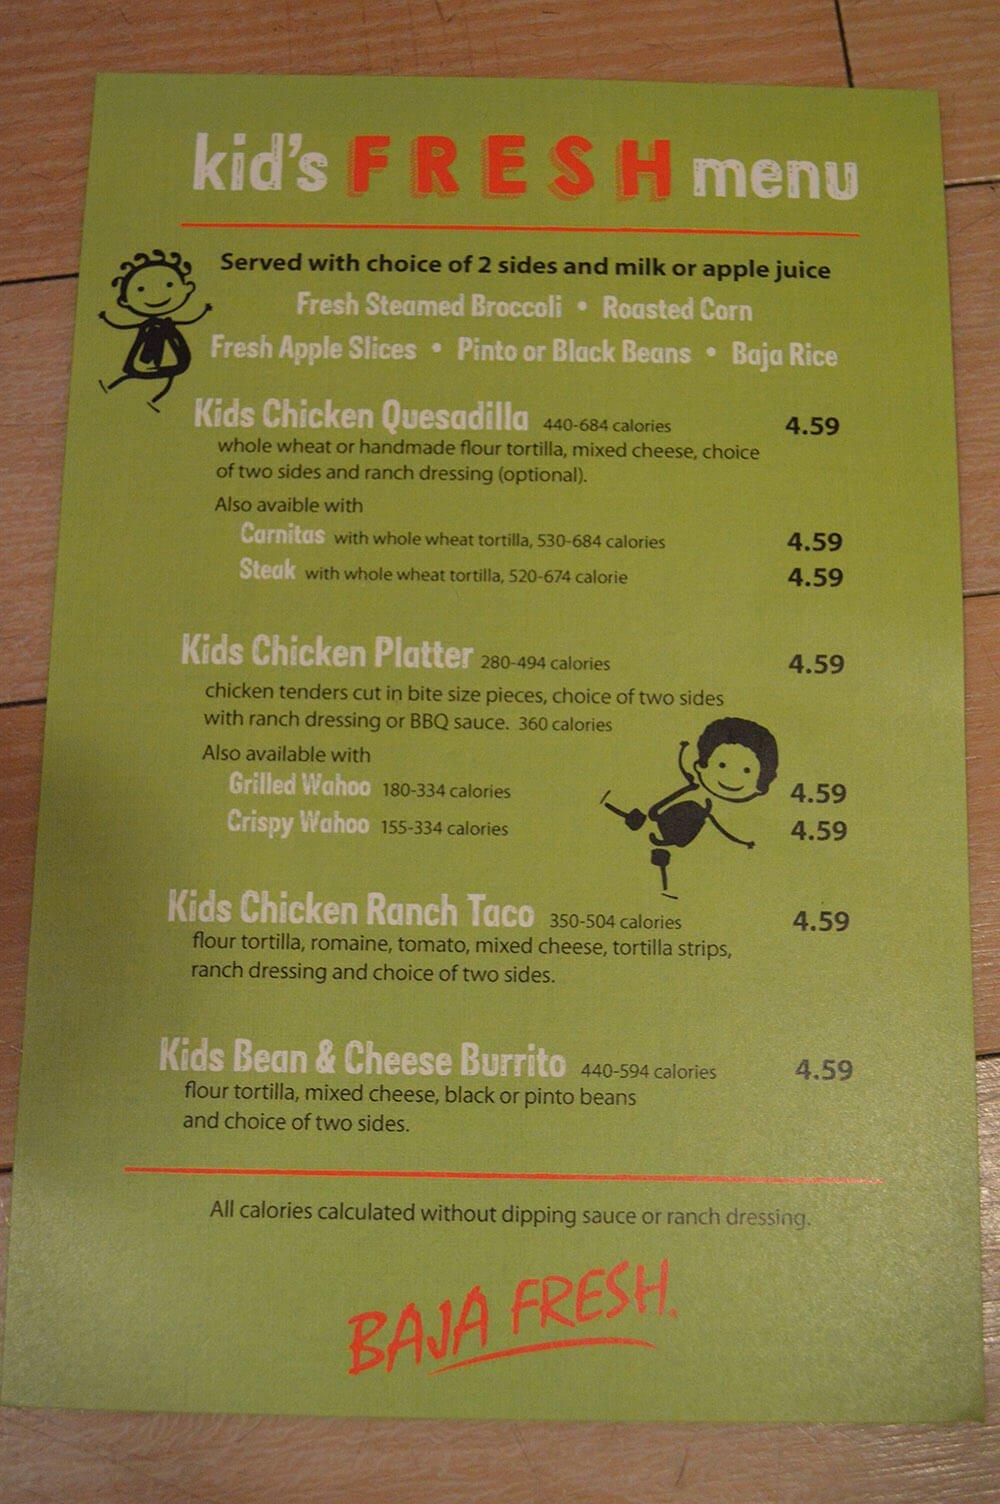 baja fresh menu image 7